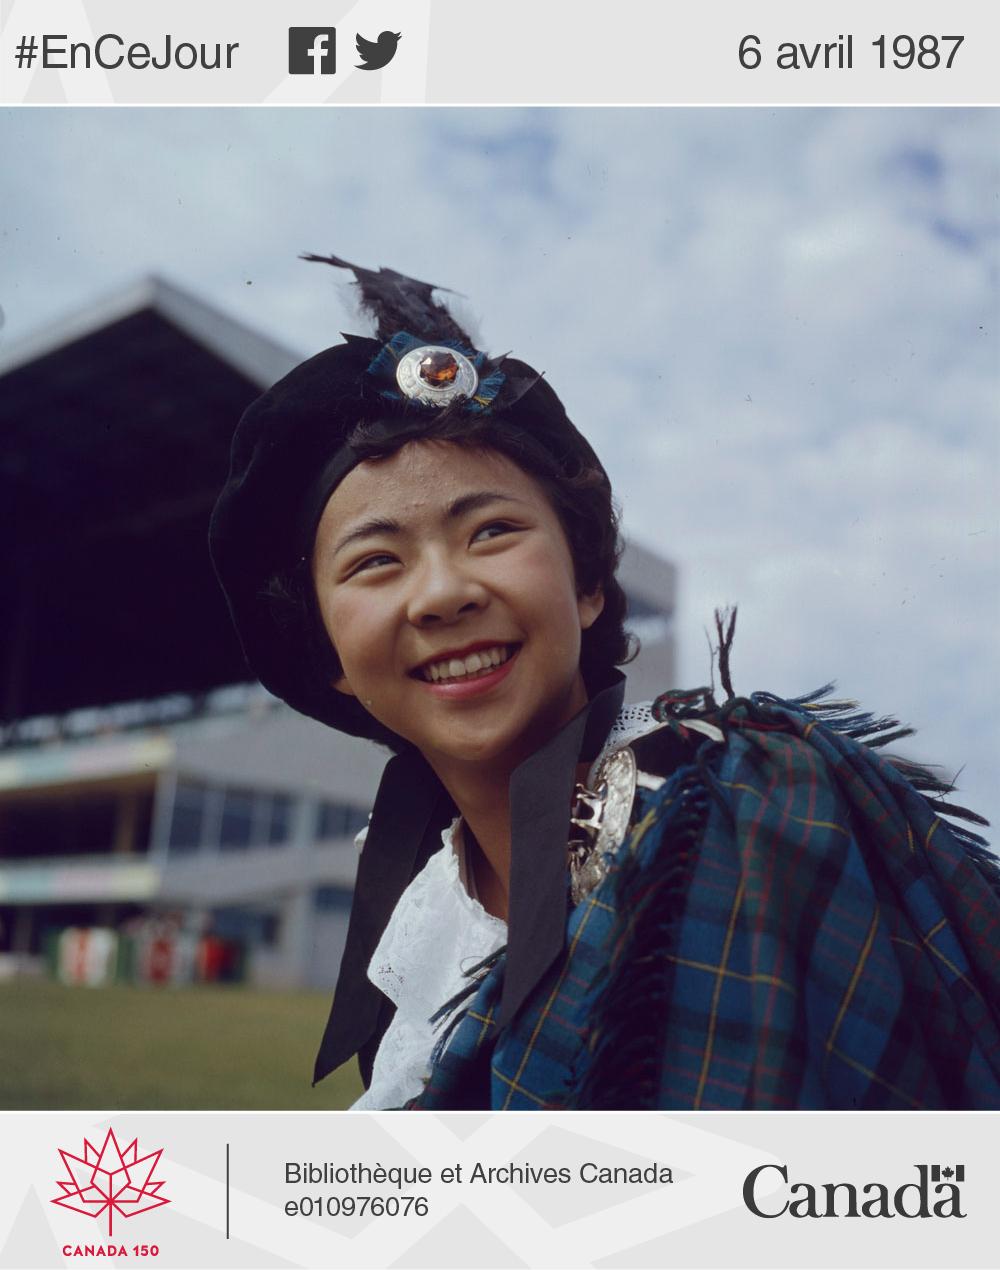 Photo d'une jeune fille portant un béret à plumes et un tartan lors des jeux écossais tenus durant une fête du Canada où l'on soulignait les diverses cultures et l'unité du pays. Winnipeg, Manitoba, juillet 1967.